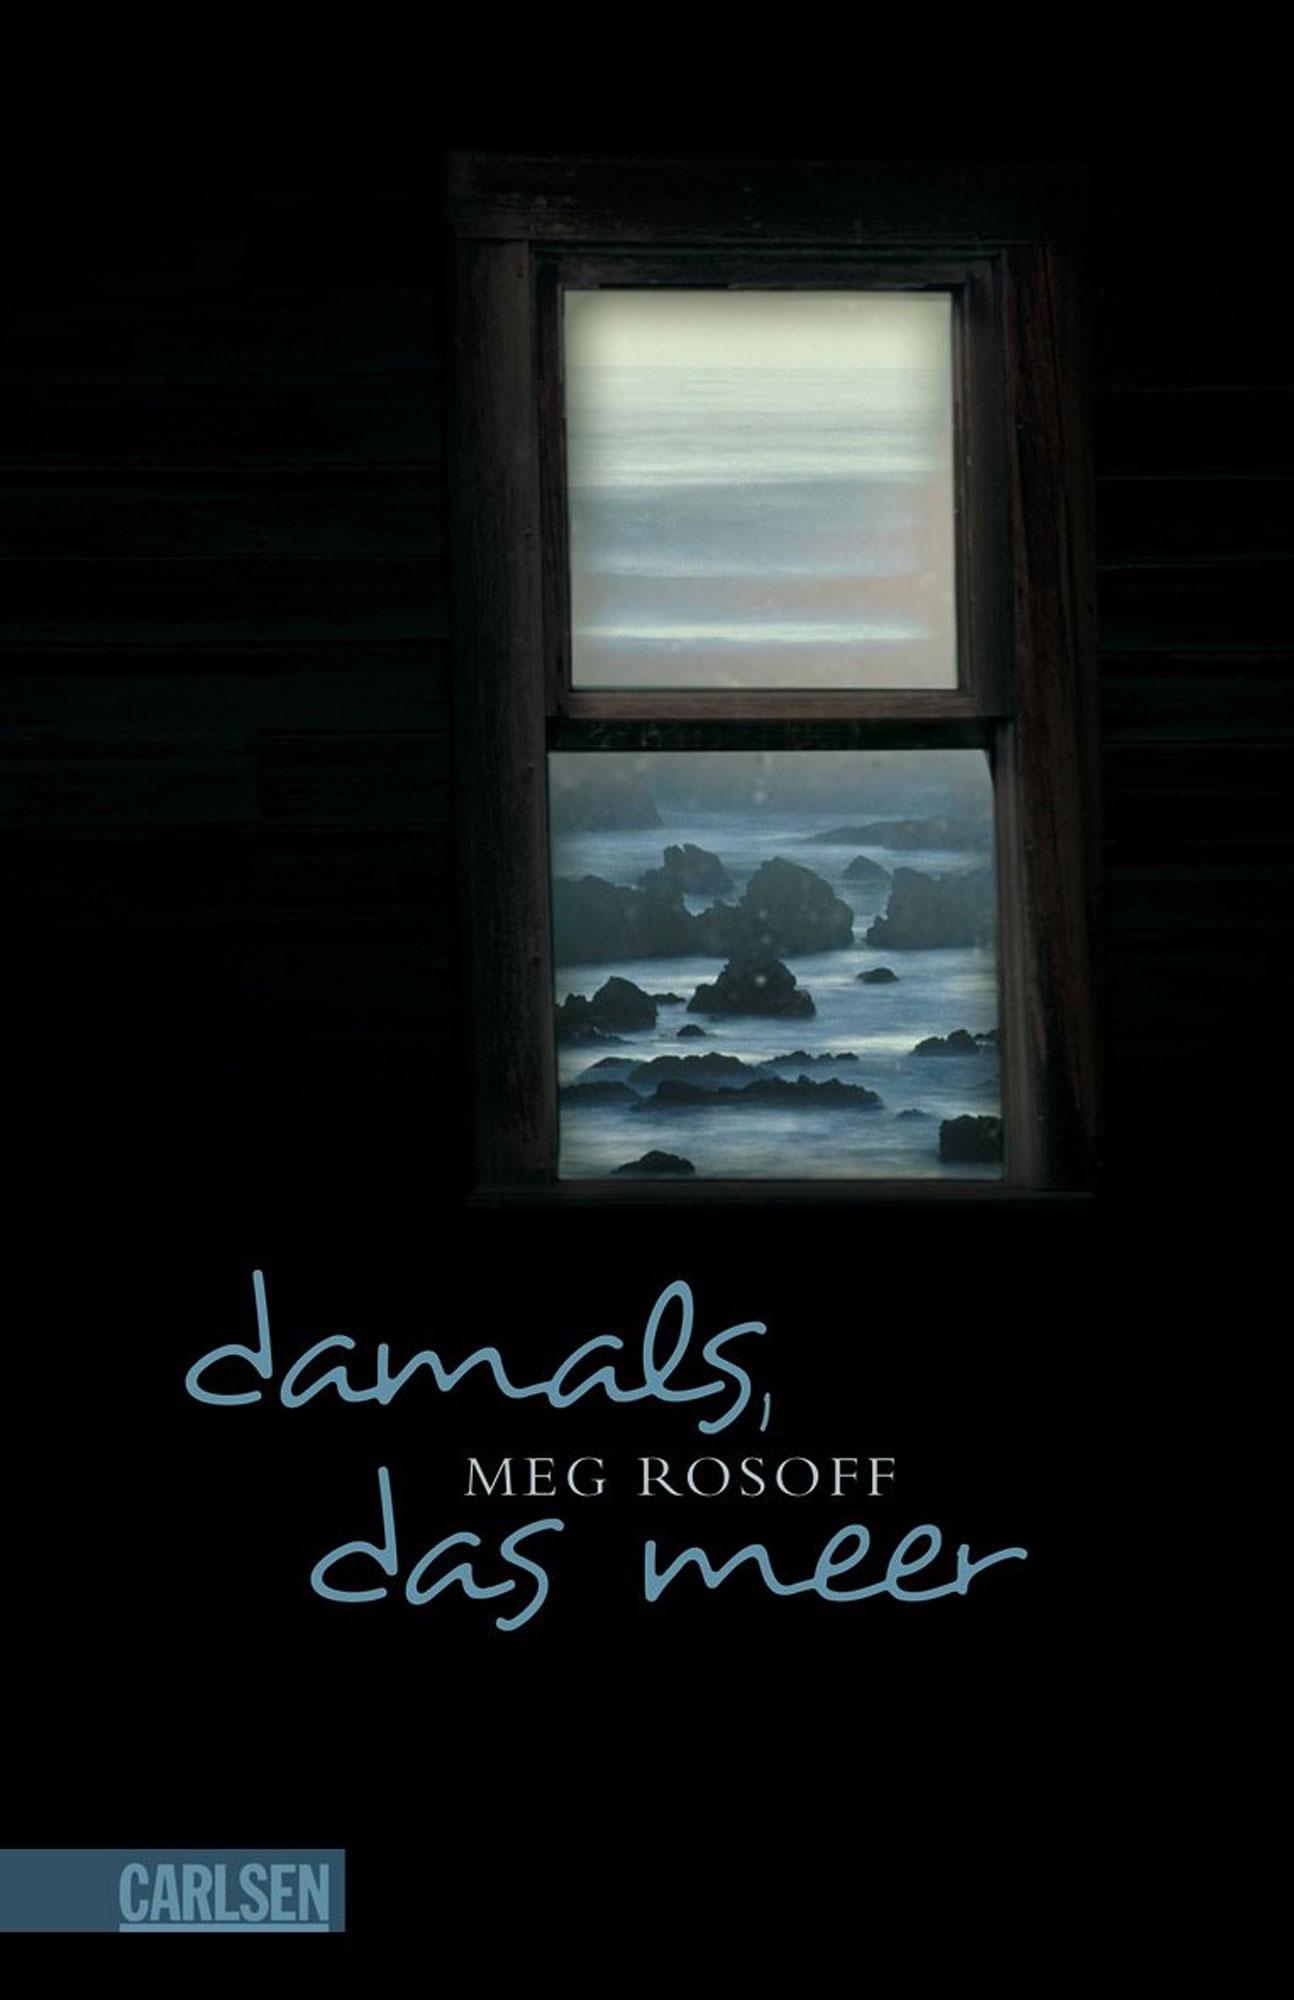 Meg-Rosoff---What-I-Was---Damals-Das-Meer-2.jpg